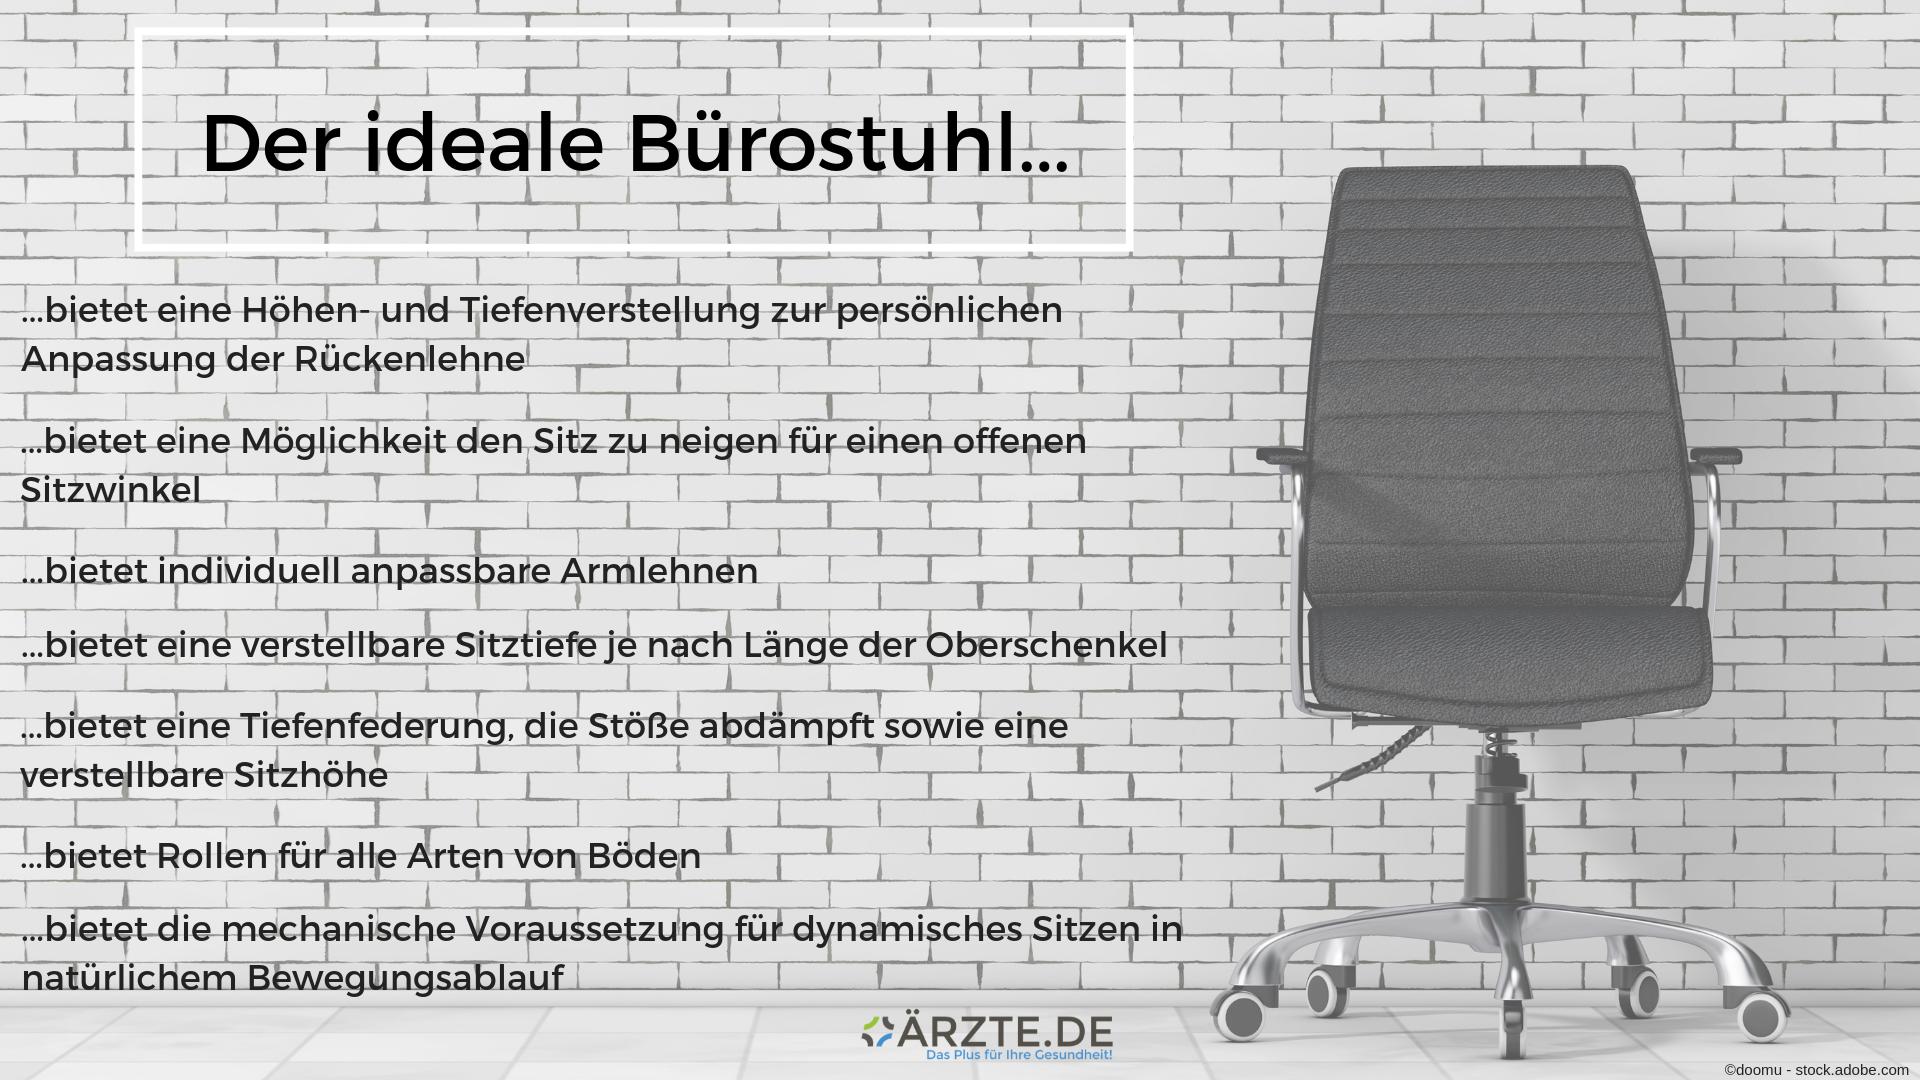 Der ideale Bürostuhl